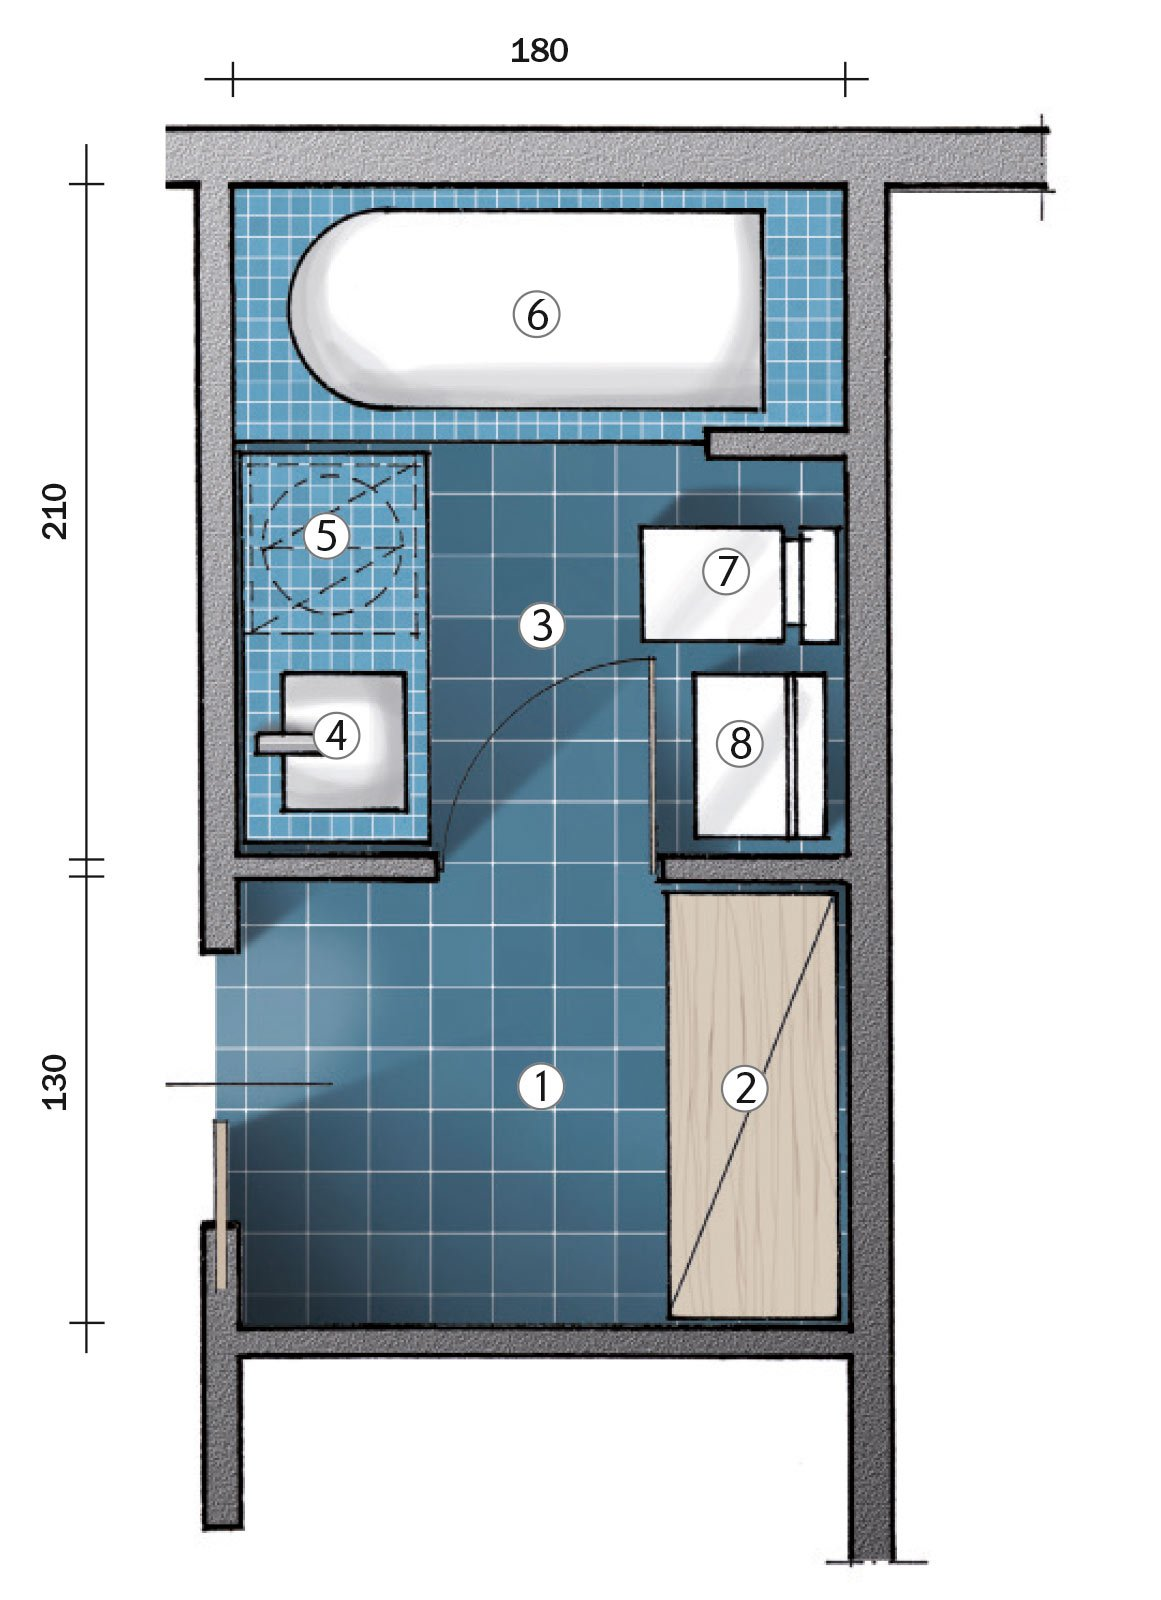 Da ripostiglio a bagno: la pianta del nuovo locale di servizio - Cose di Casa